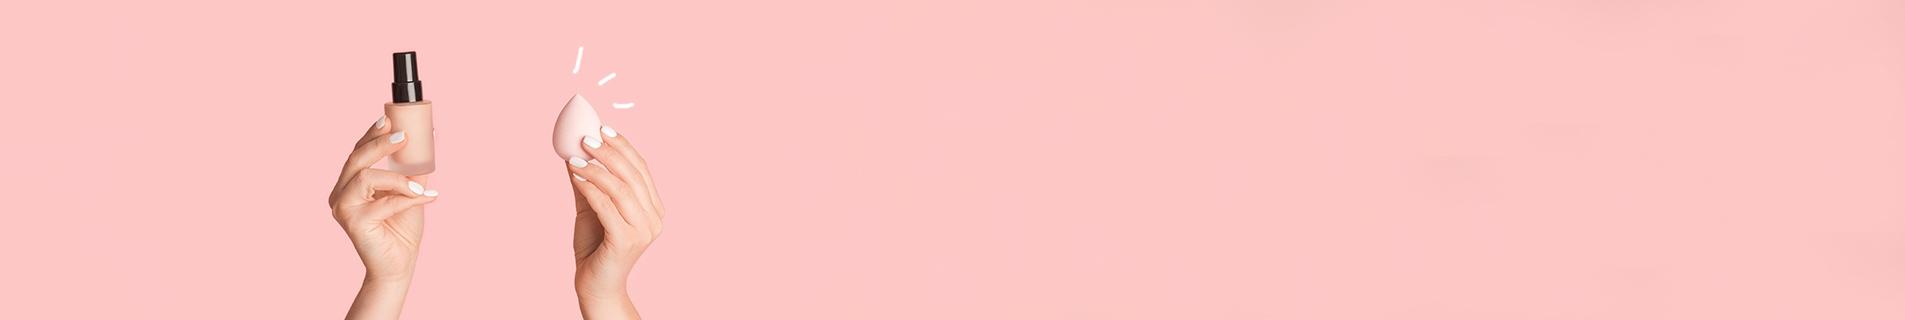 Maquillage Revlon pas cher   Boutique de maquillage en ligne   SAGA Cosmetics